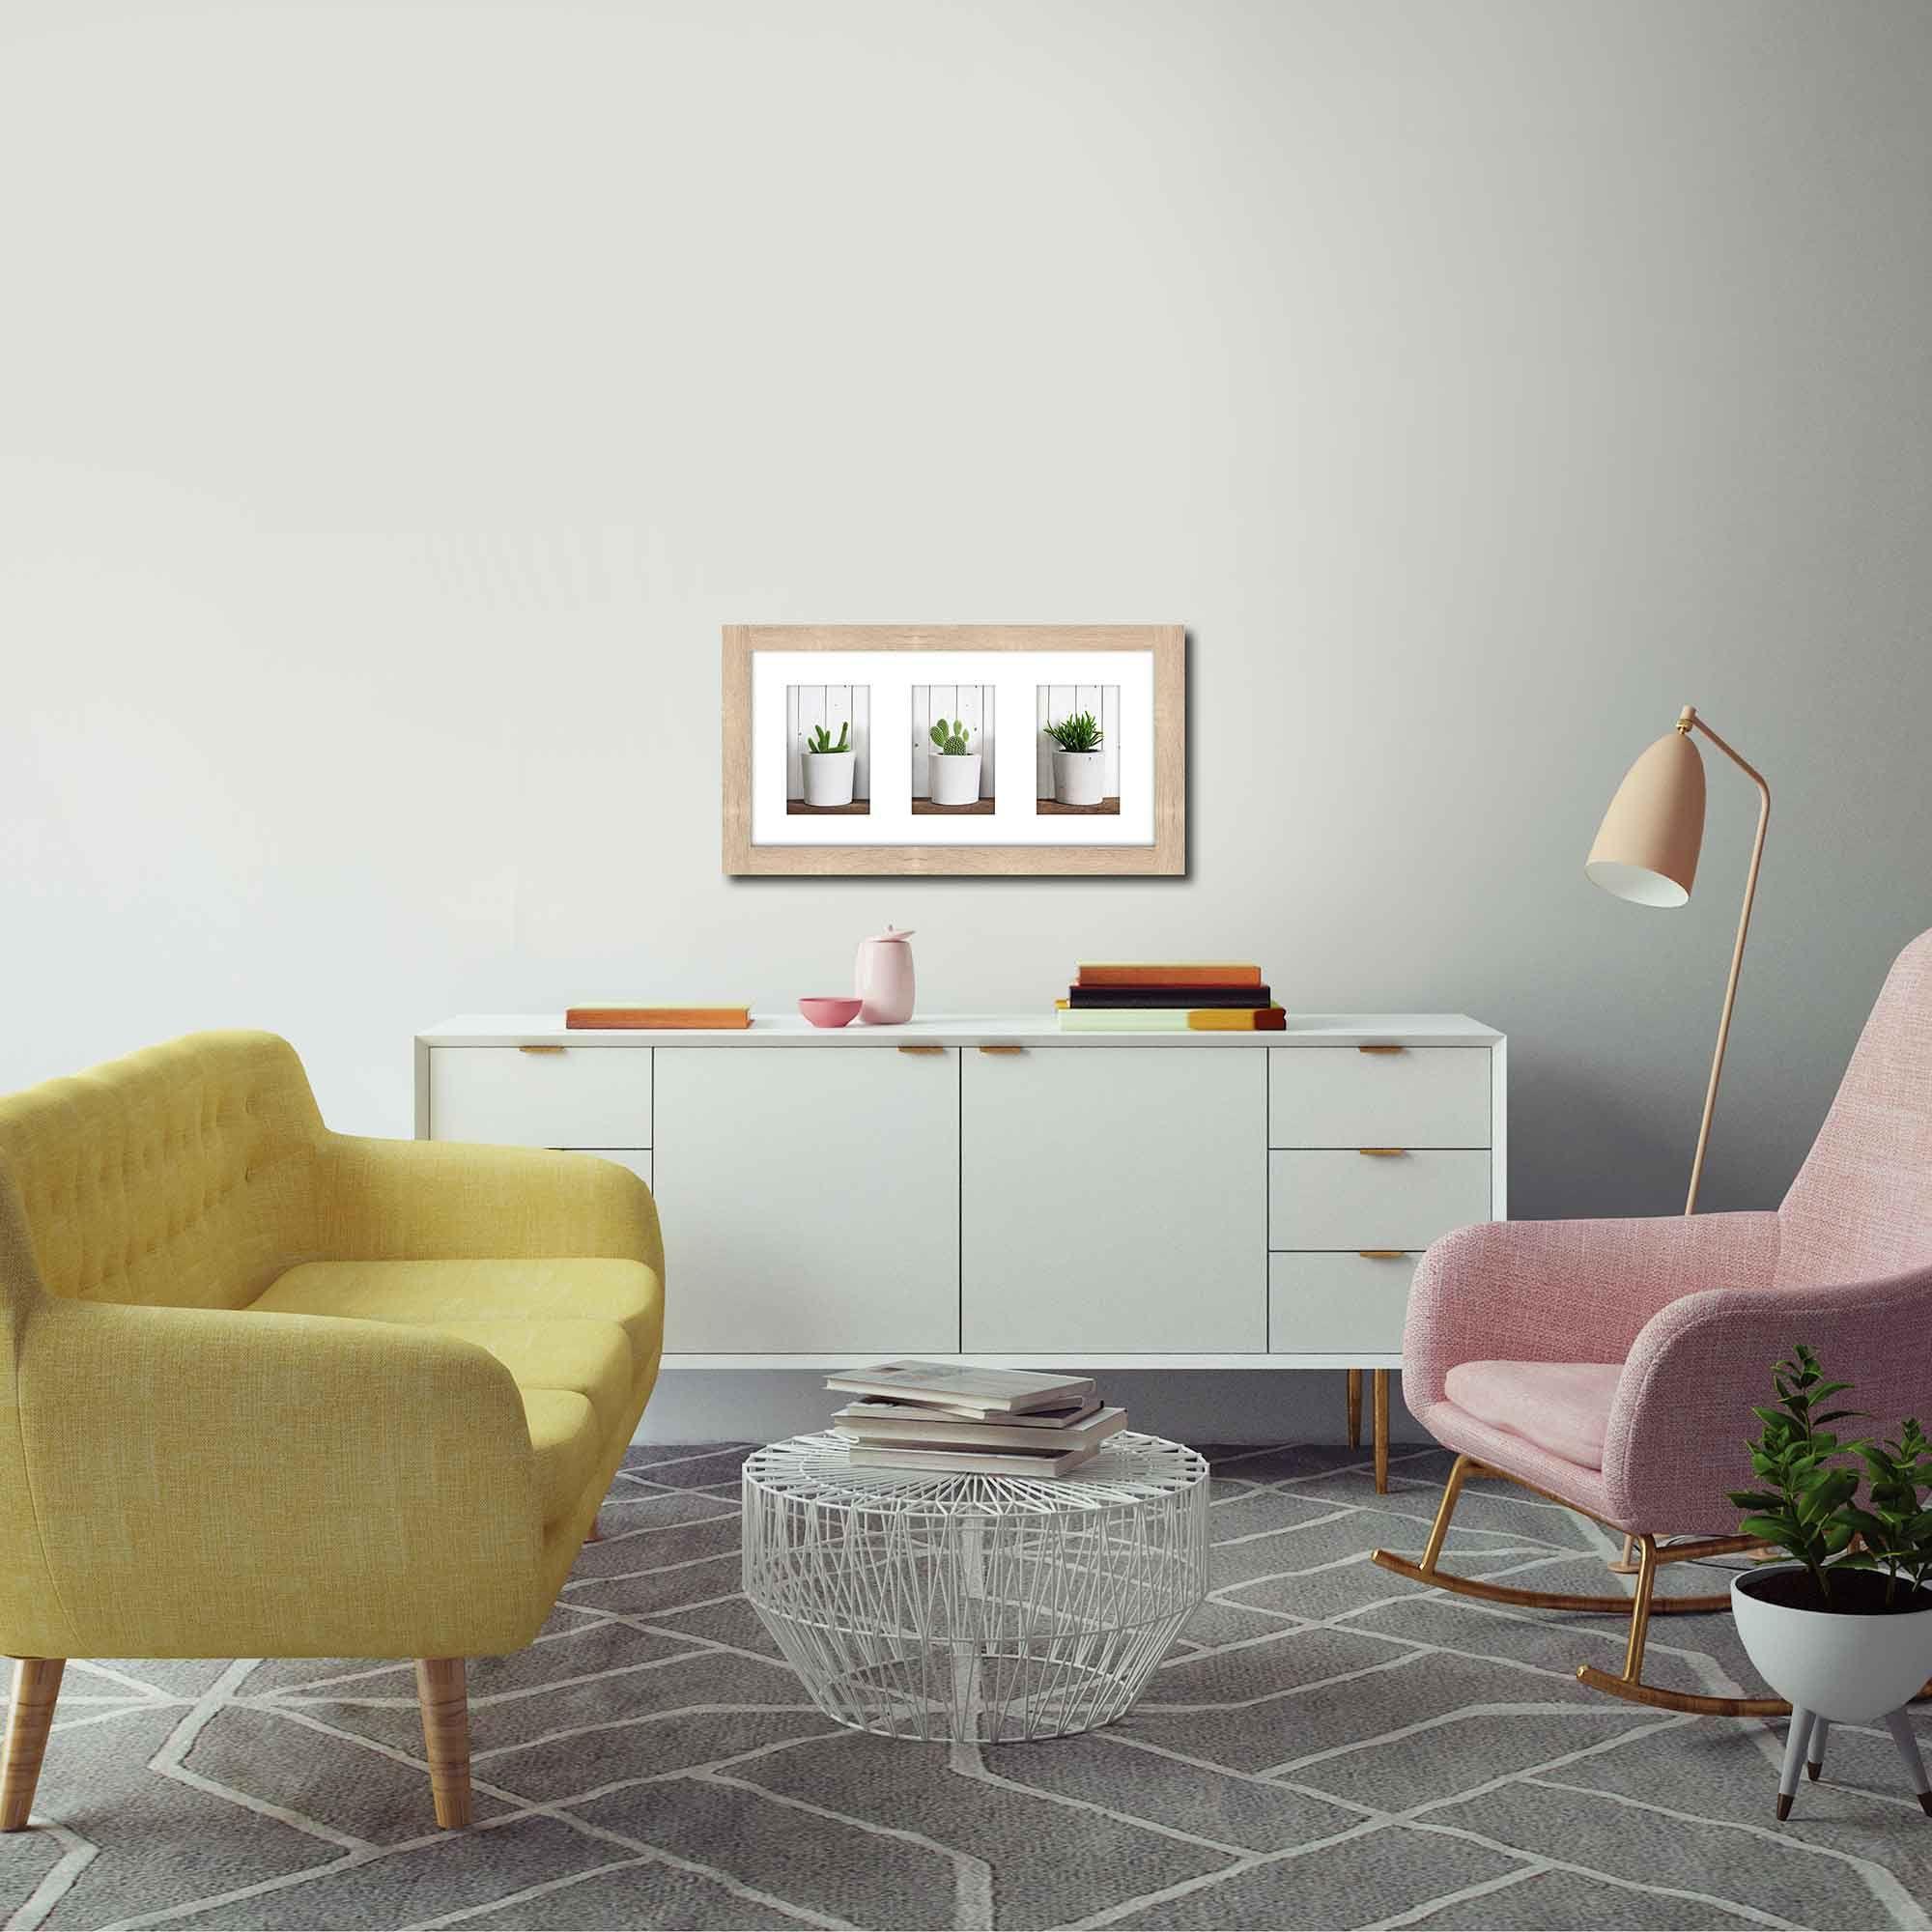 161e73a174958bb2b9ec91ba3dfdeca7 Incroyable De Coussin Pour Canapé Palette Concept